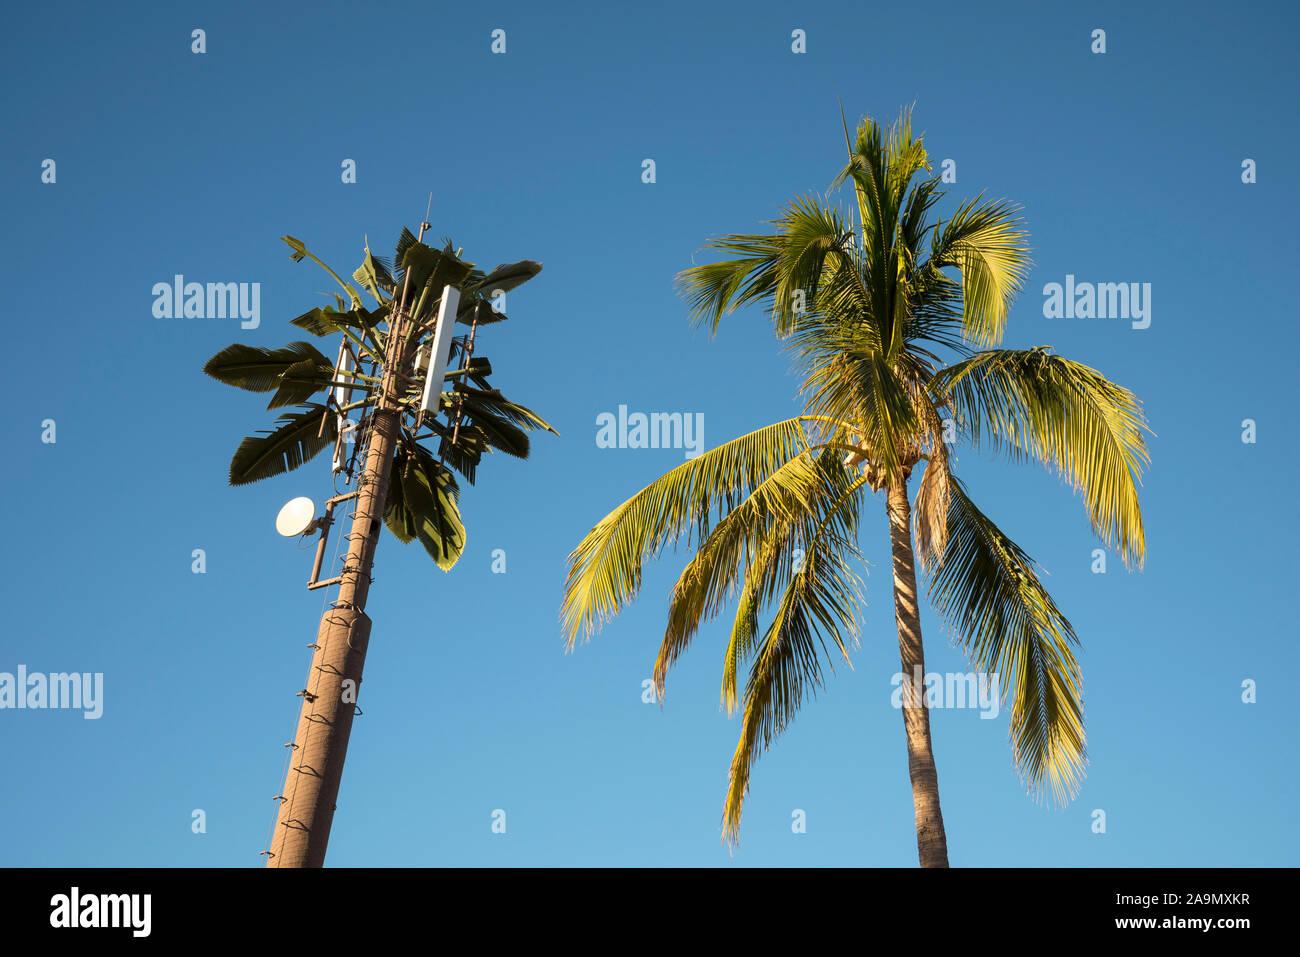 Palmera y torre de telefonía móvil; Cabo San Lucas, Baja California Sur, México. Foto de stock